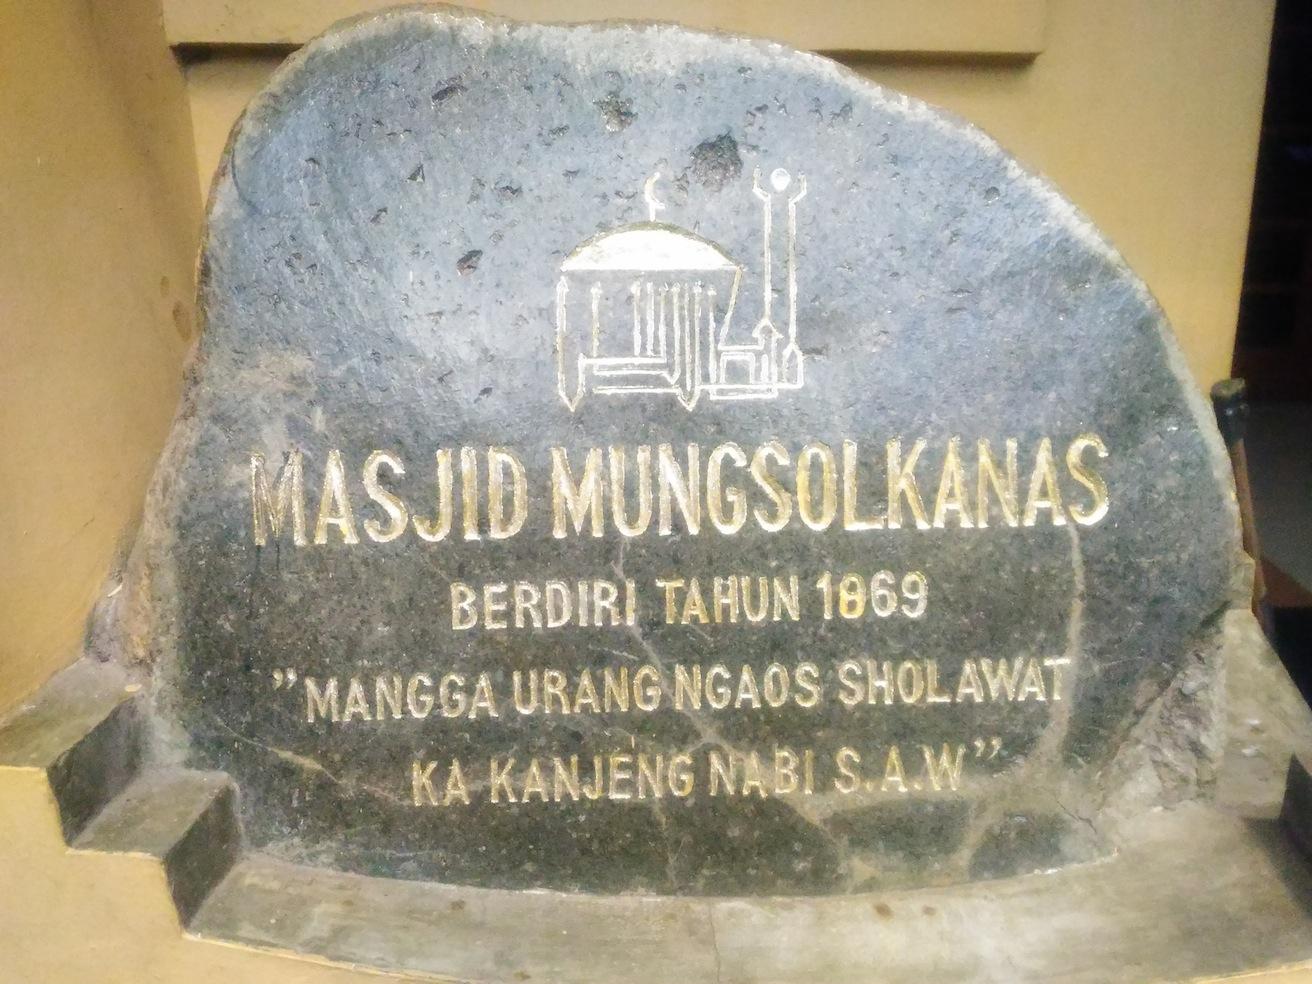 Mesjid Mungsolkanas terletak di Jalan Cihampelas, Gang Wiranataatmadja, Kelurahan Cipaganti, Kecamatan Coblong Kota Bandung. Mesjid ini berusia 148 Tahun yang dibangung oleh Lantenas pada Tahun 1869. (Jurnalposmedia/ Dian Aisyah)